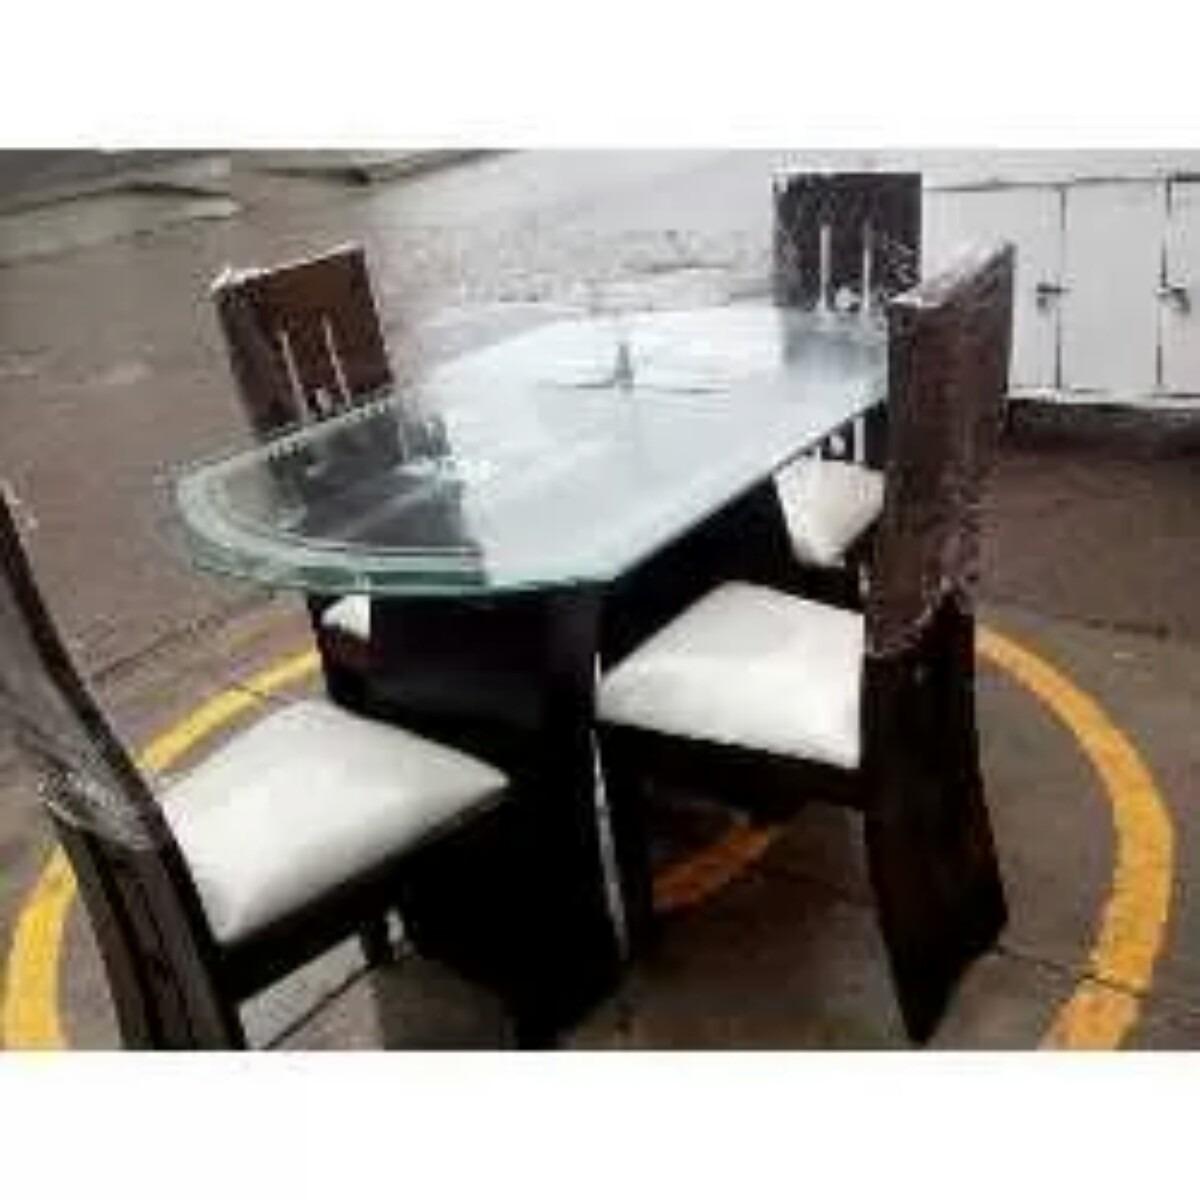 Comedor de 4sillas madera tornillo a 700 s 700 00 en mercado libre for Comedor 4 sillas madera